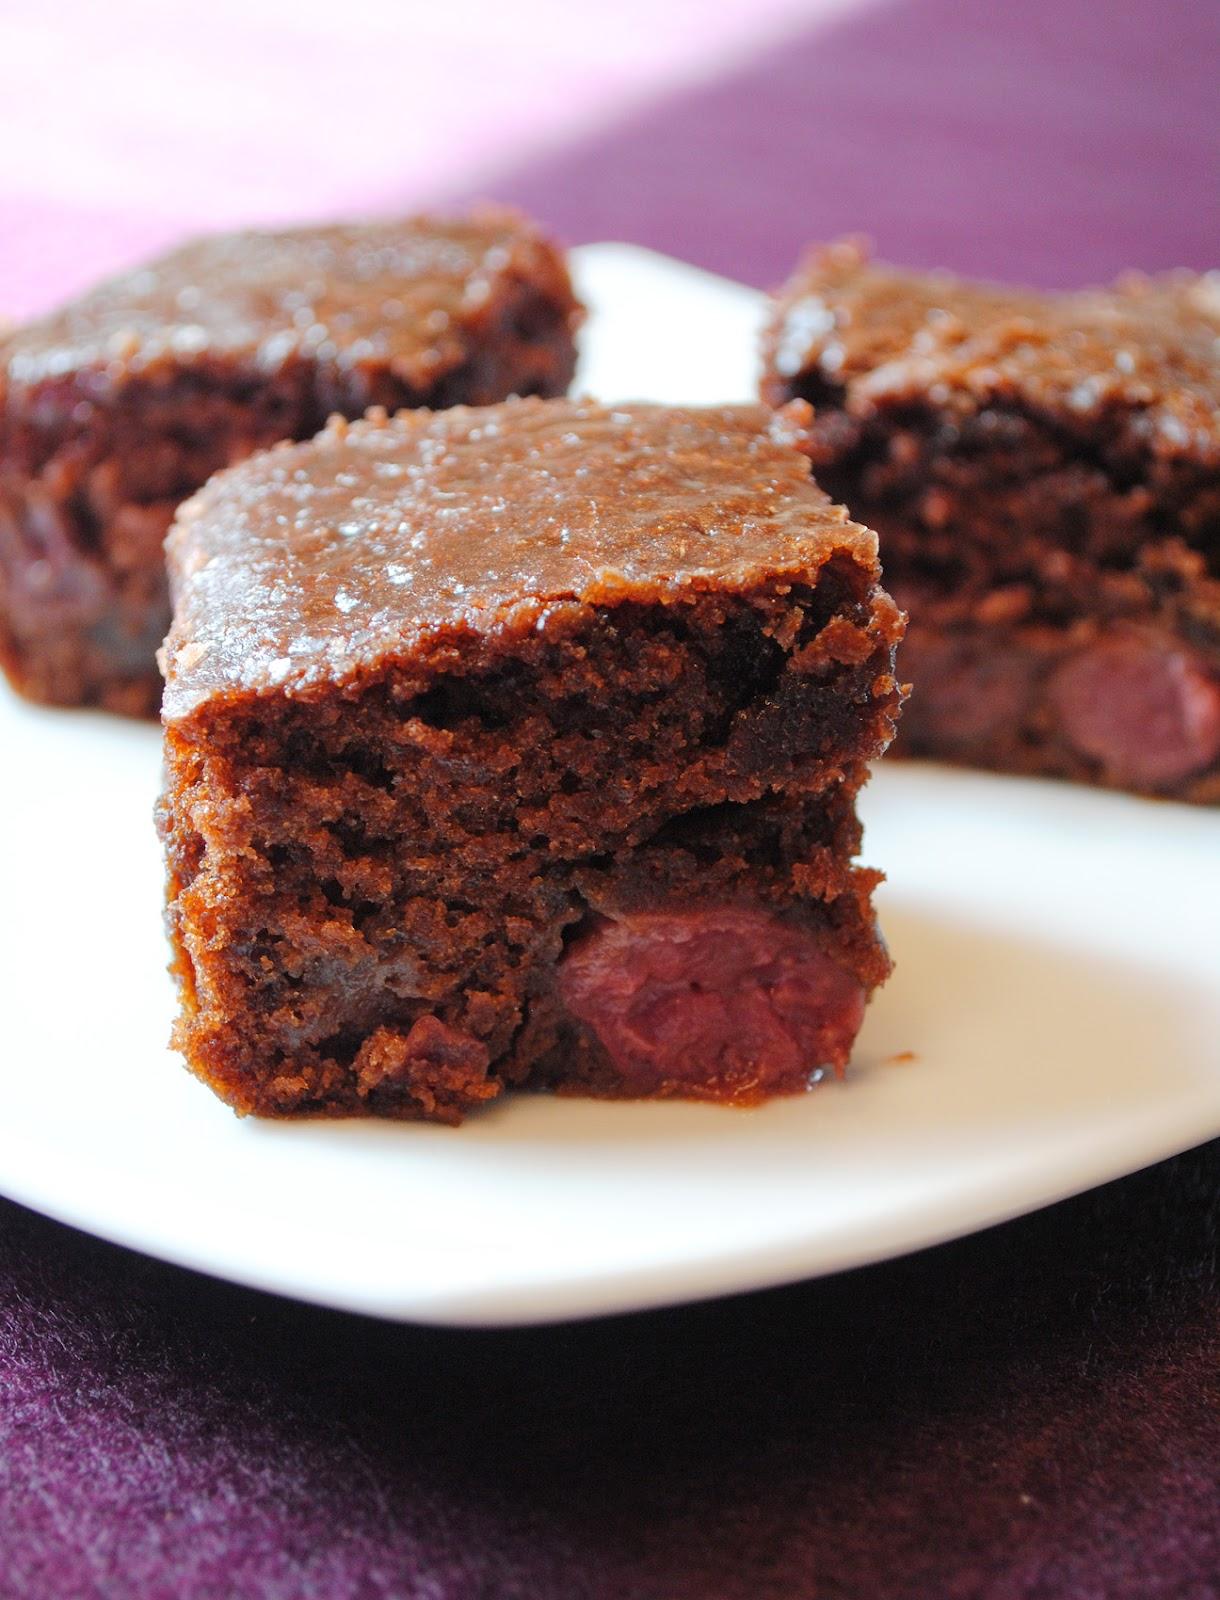 Chefkoch Kuchen Rezepte Einfach Cappuccino Schokoladenkuchen Nach